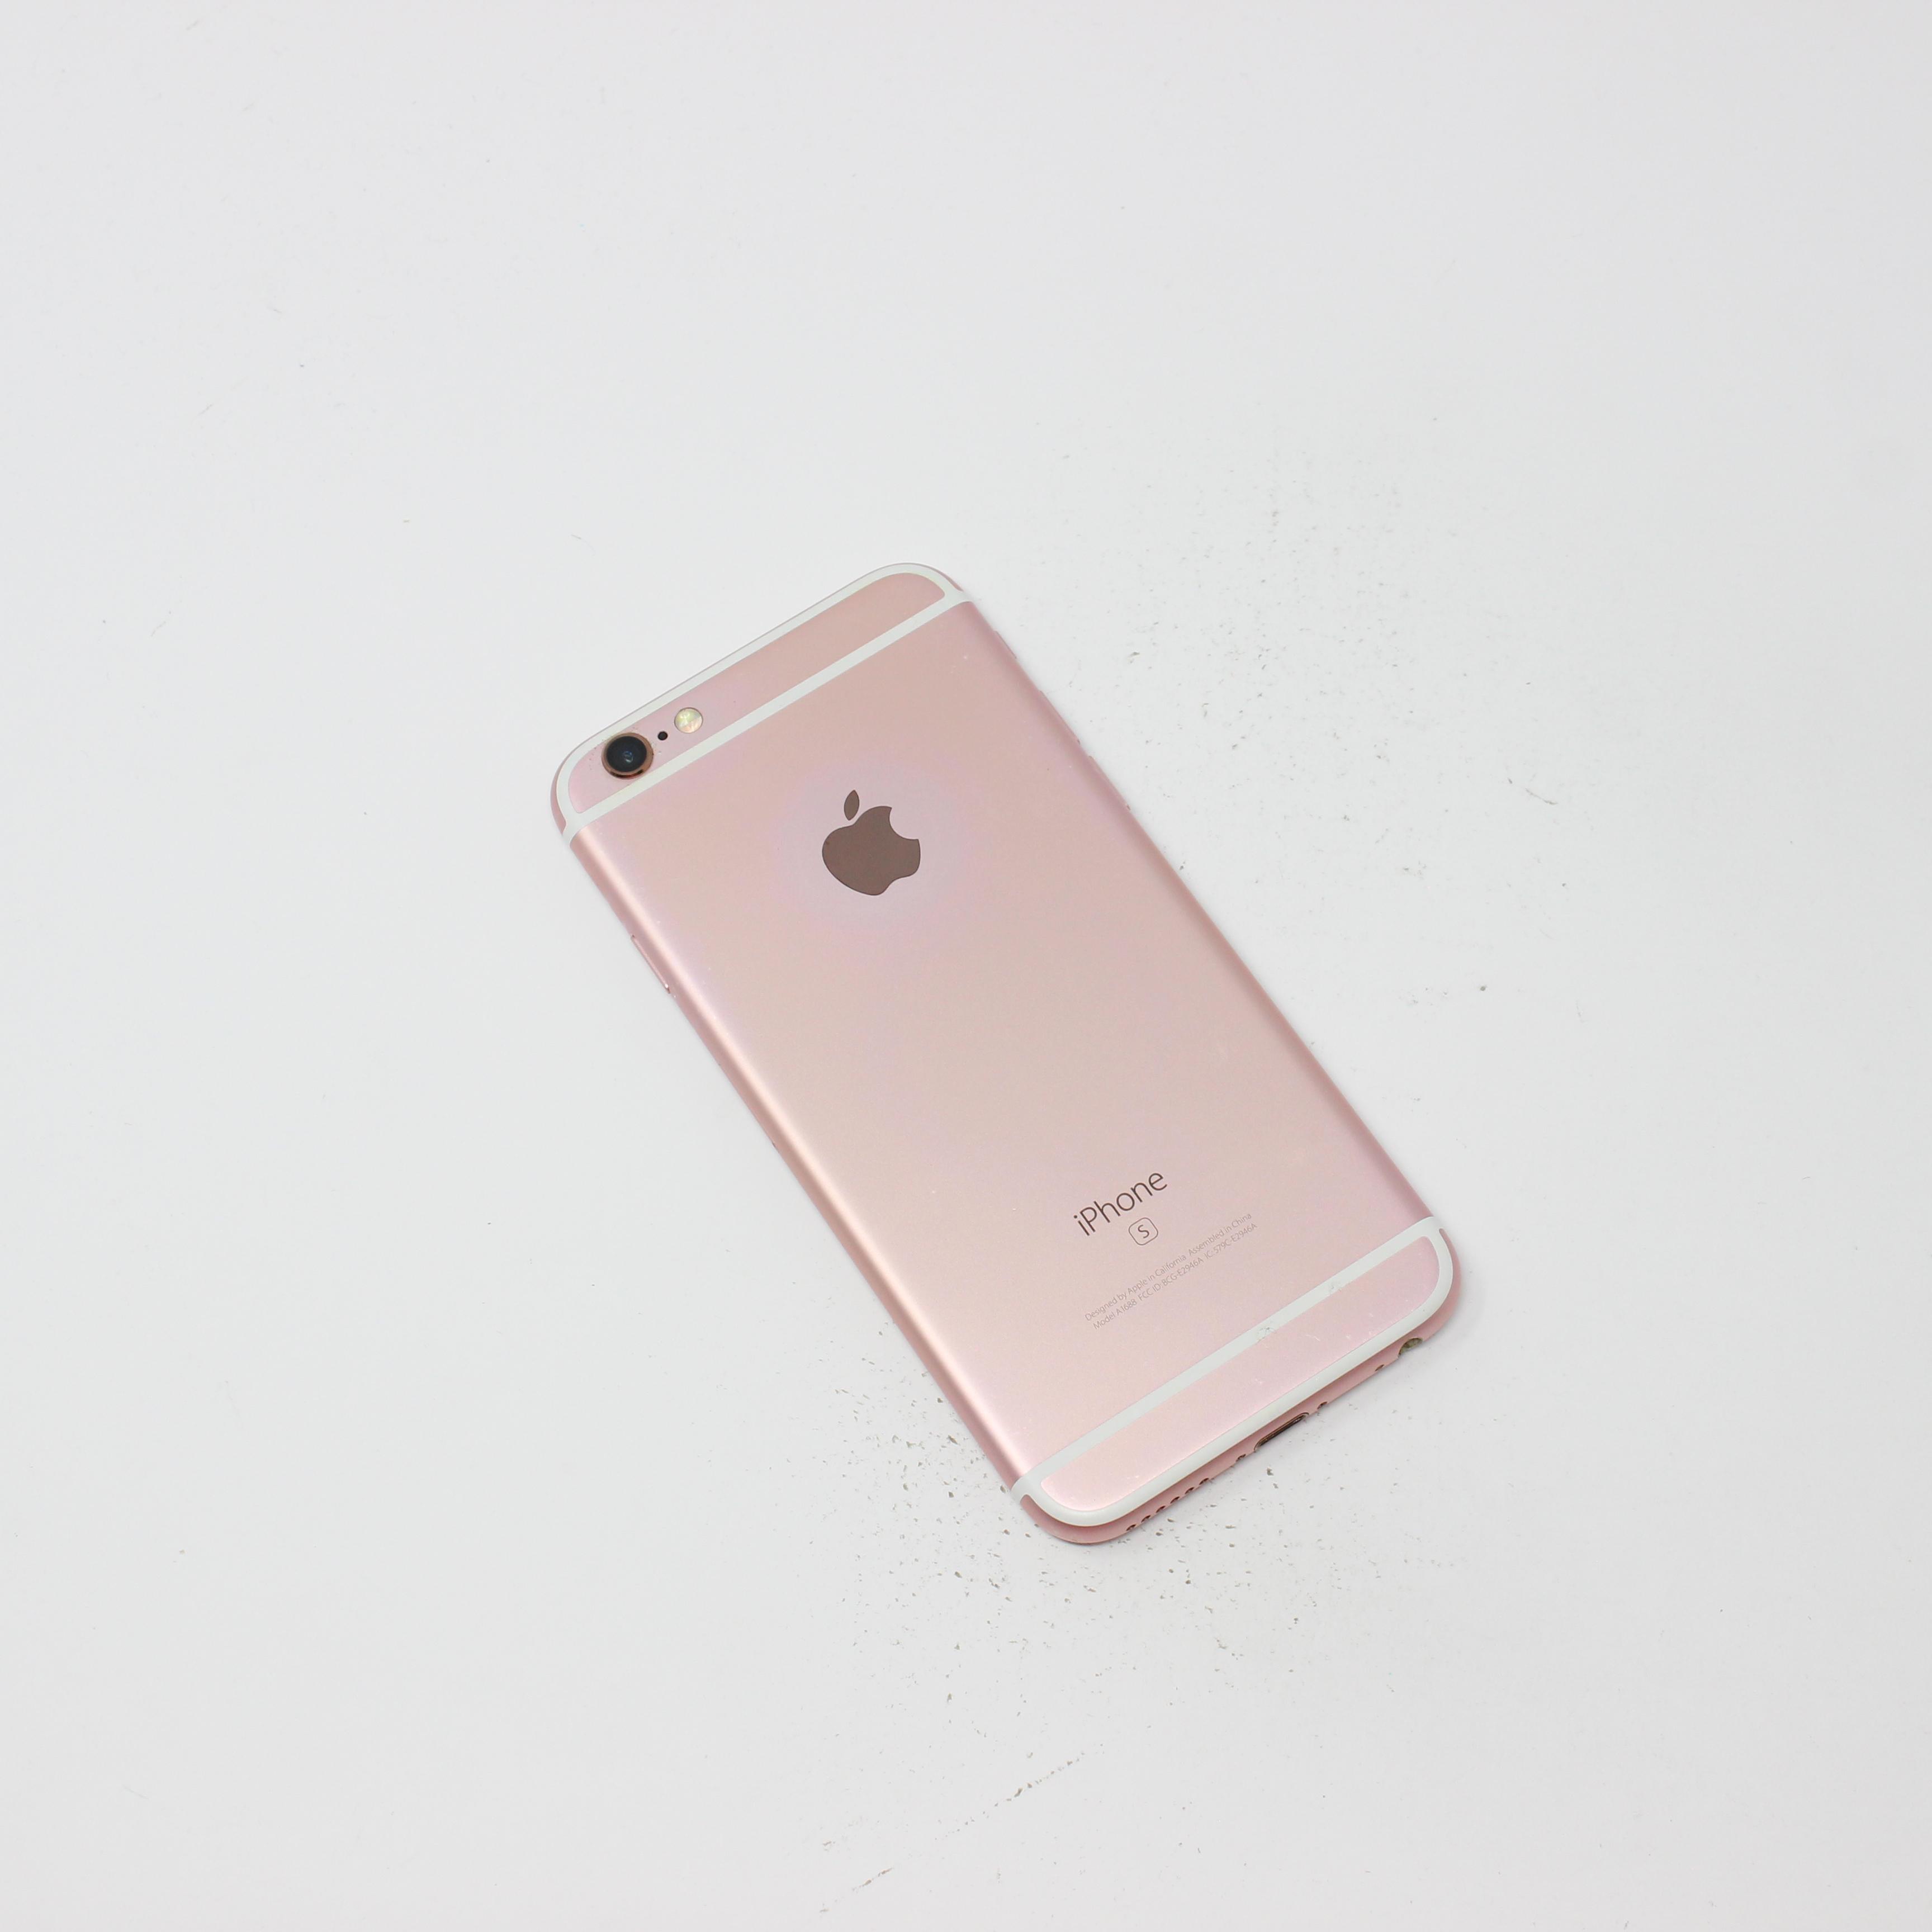 iPhone 6S 64GB Rose Gold - Verizon photo 3 | UpTradeit.com